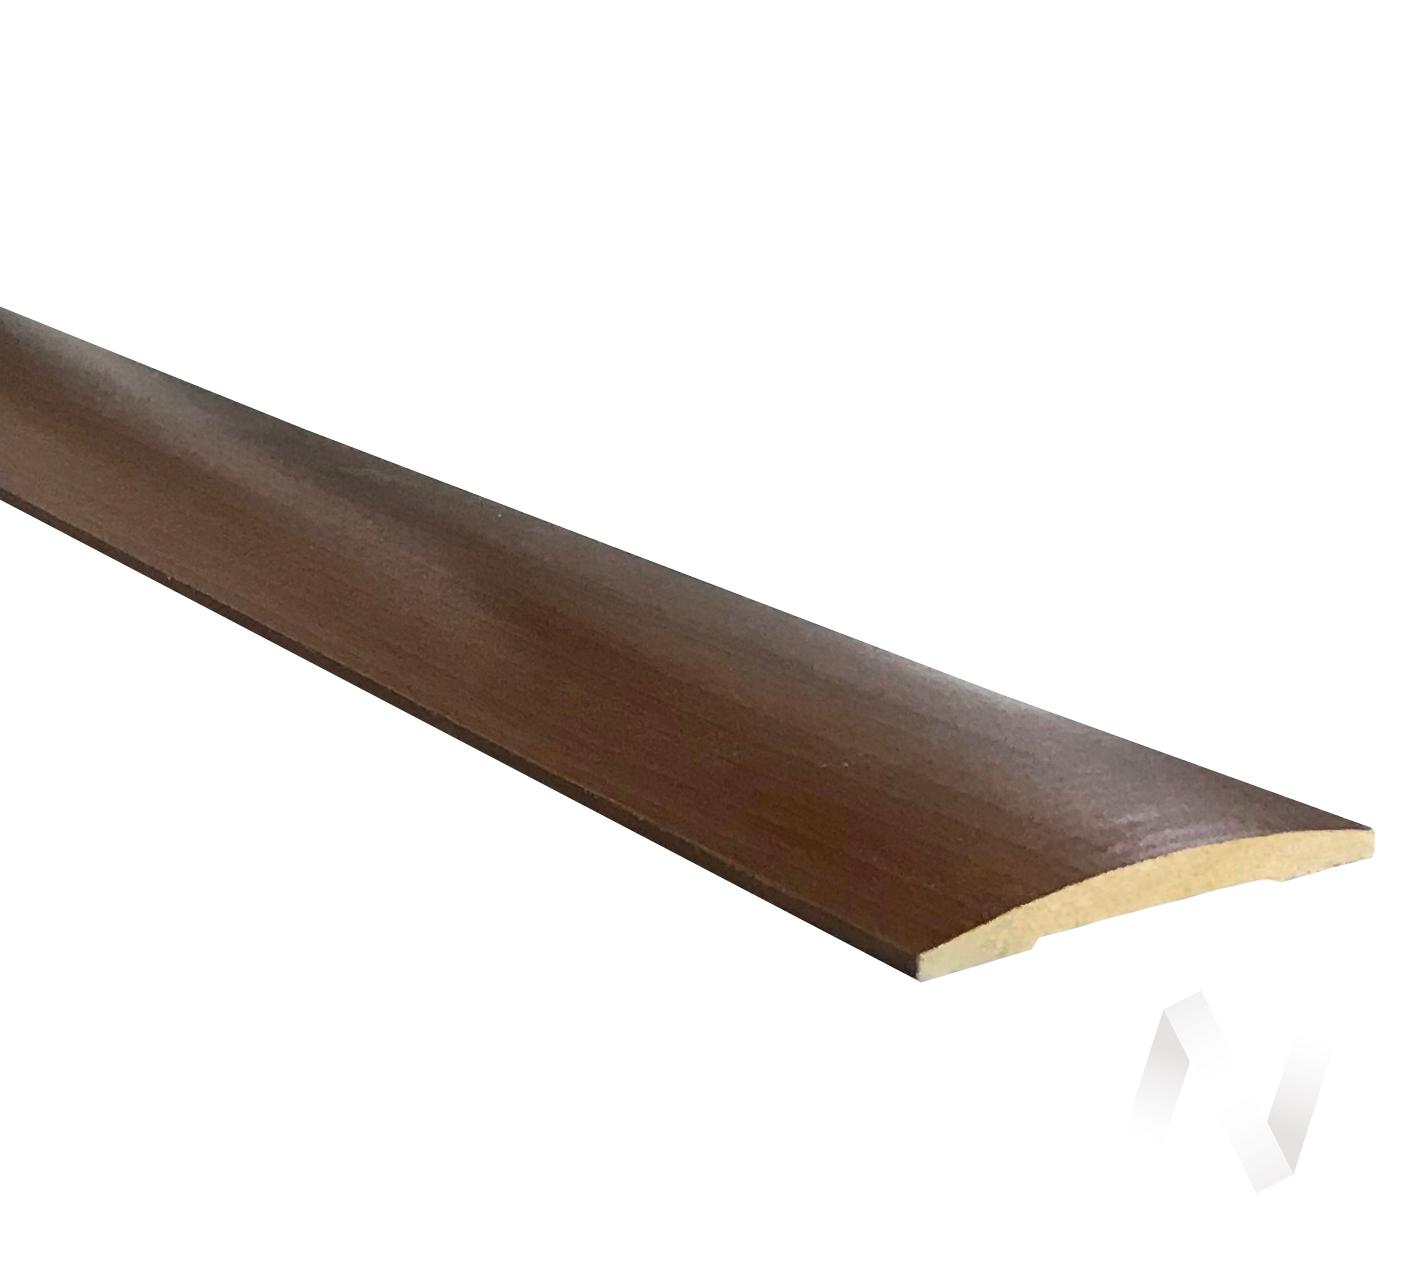 Наличник ламинированный овальный, 70*8*2150, итальянский орех